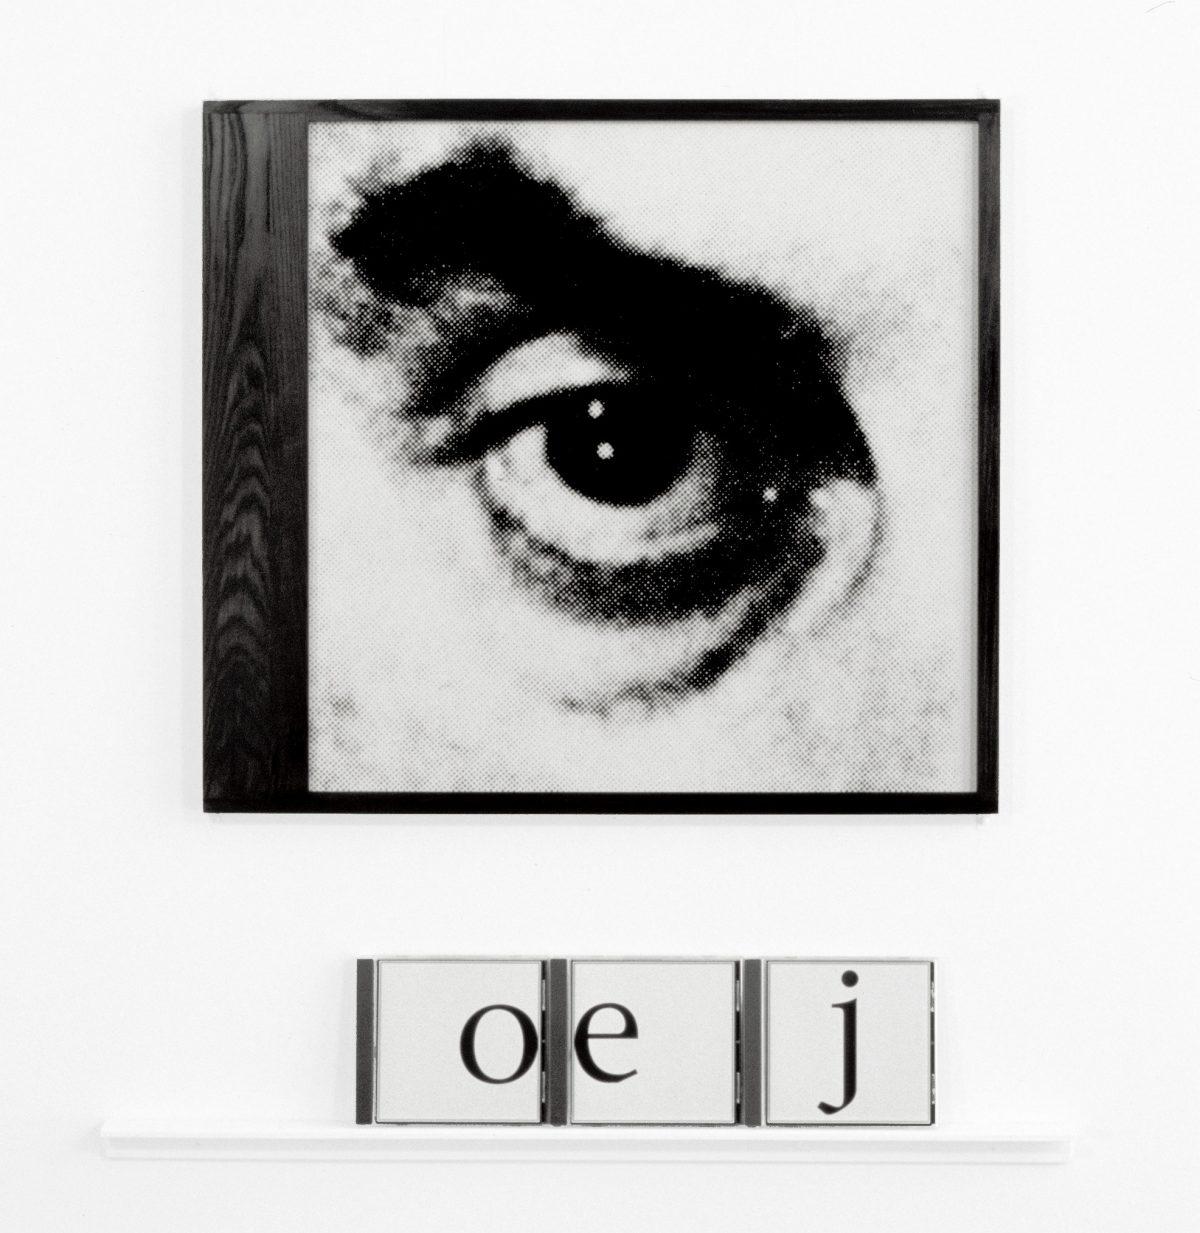 détail de L'Œil acoustique, 1997, Raymond Gervais, 5 épreuves argentiques encadrées, 15 boîtiers de disques compacts avec feuillets insérés et 5 moulures de bois peint.